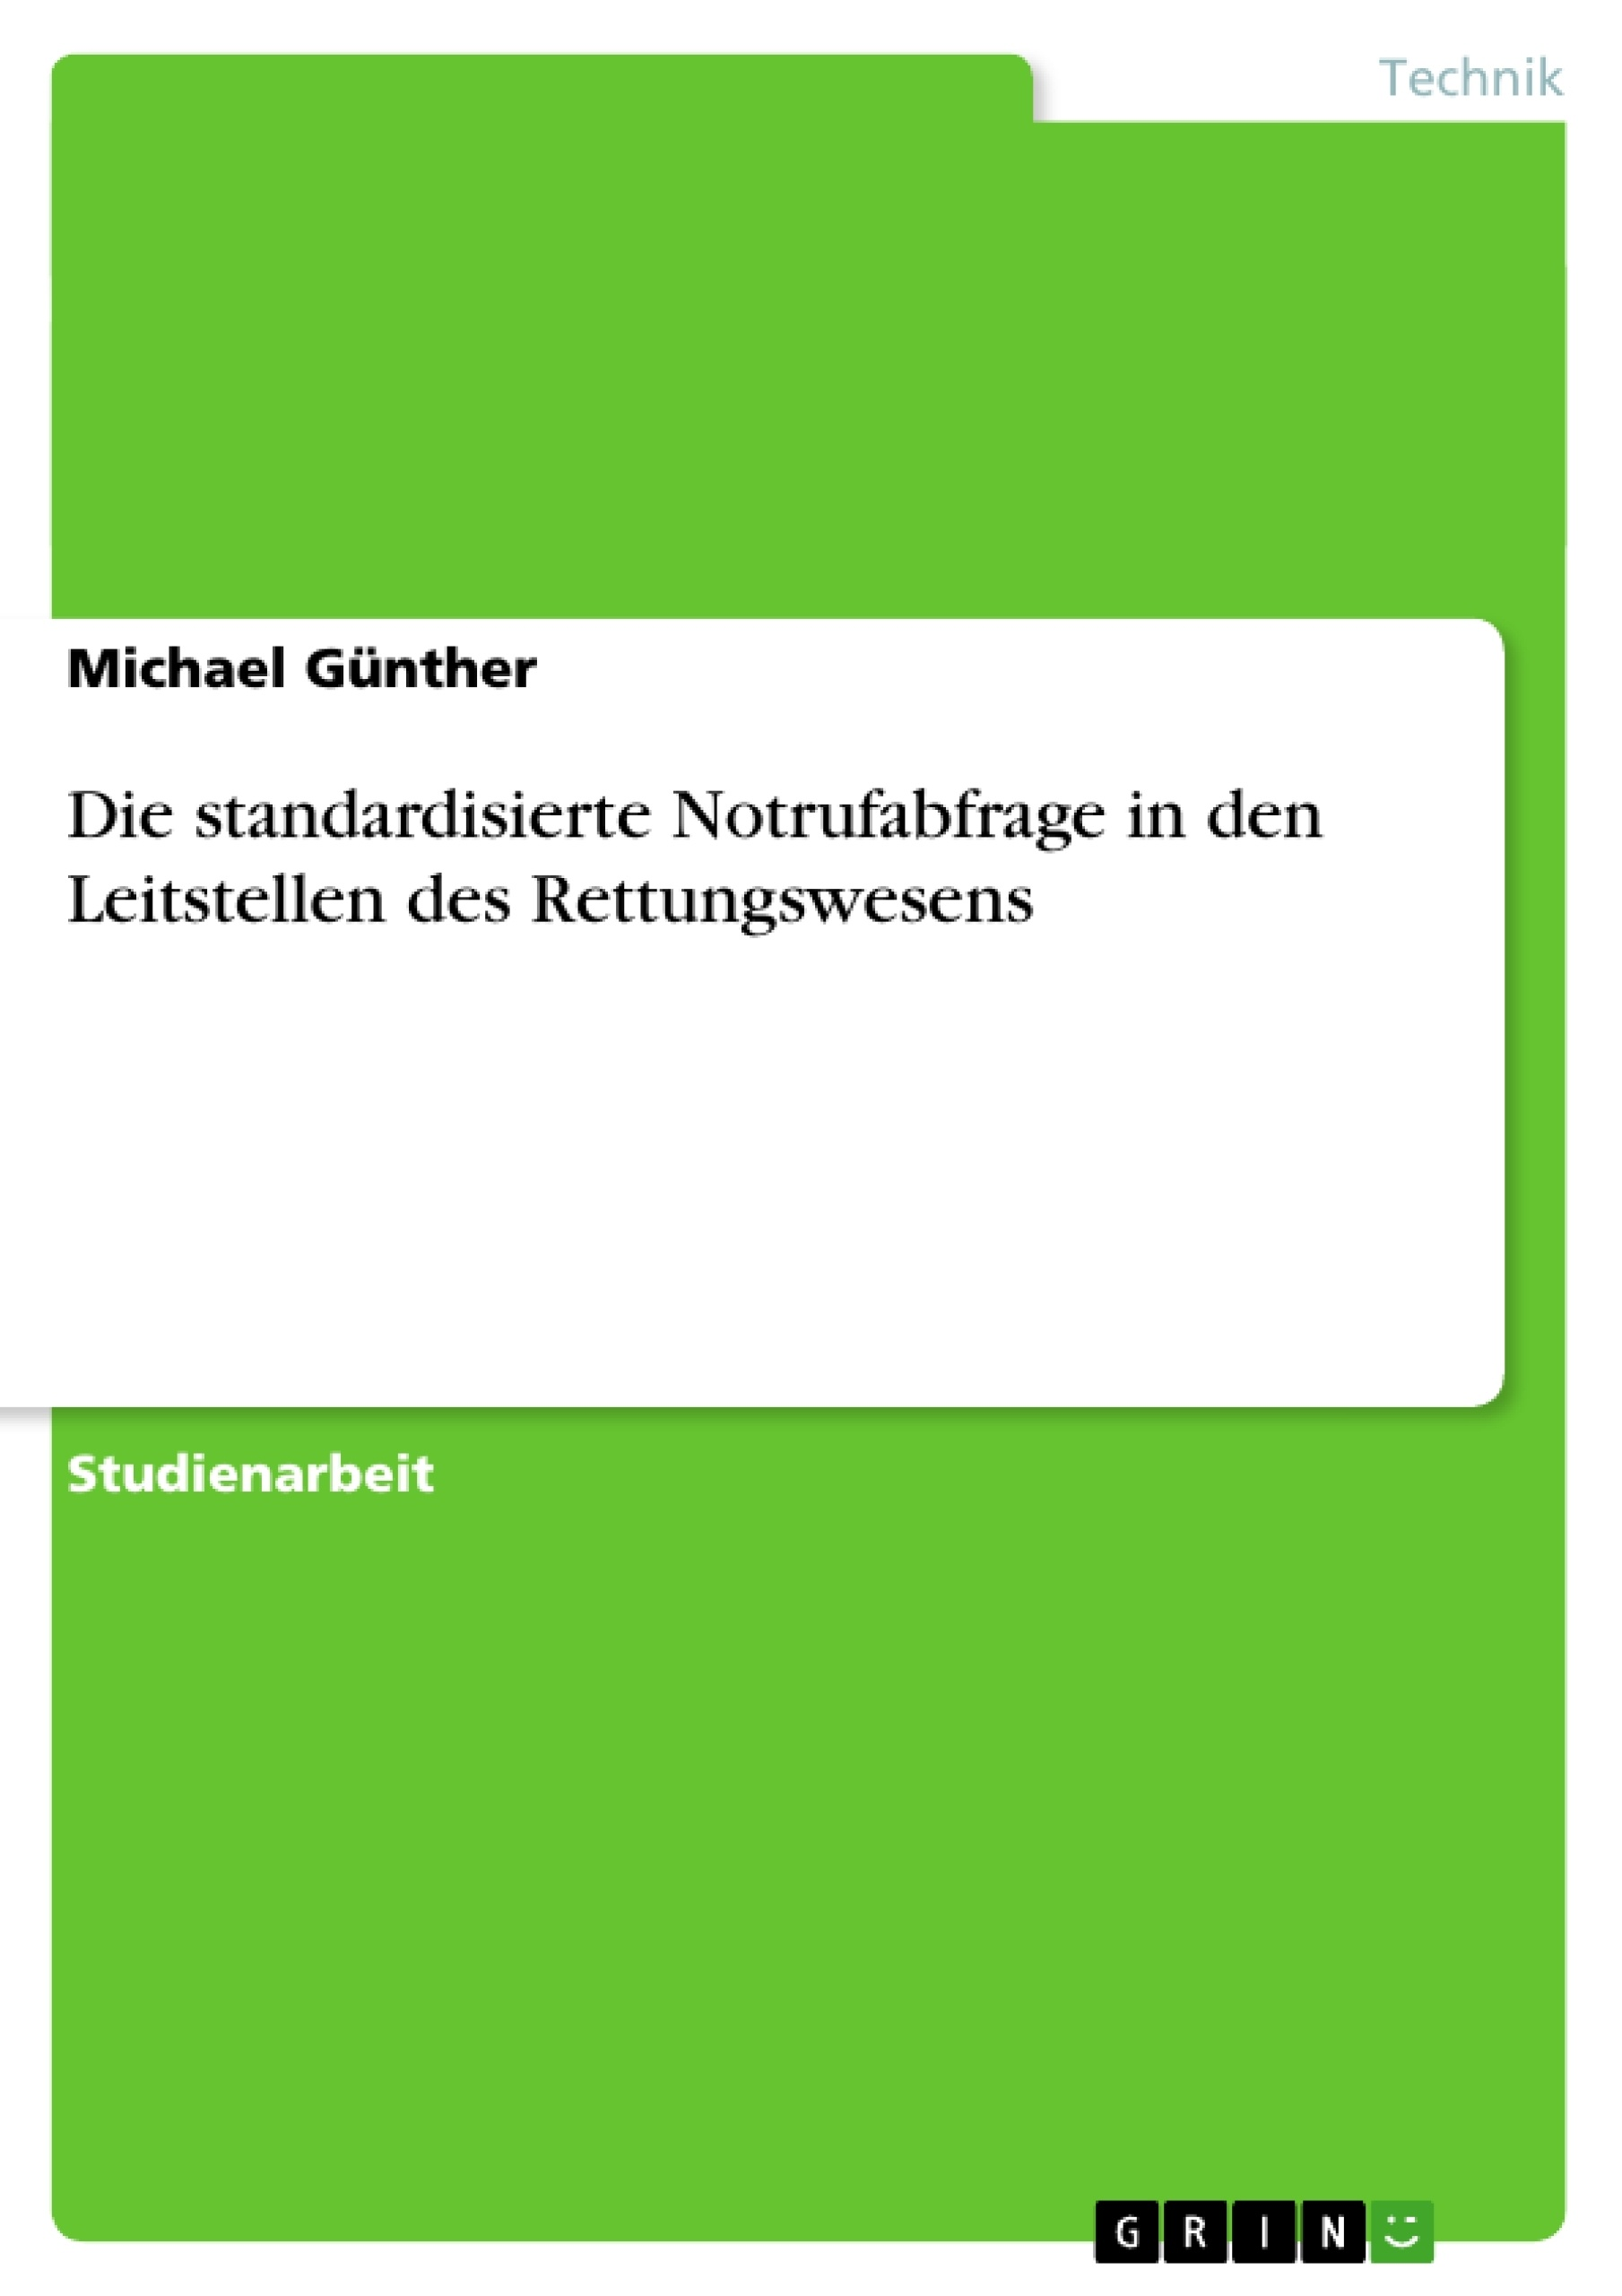 Titel: Die standardisierte Notrufabfrage in den Leitstellen des Rettungswesens